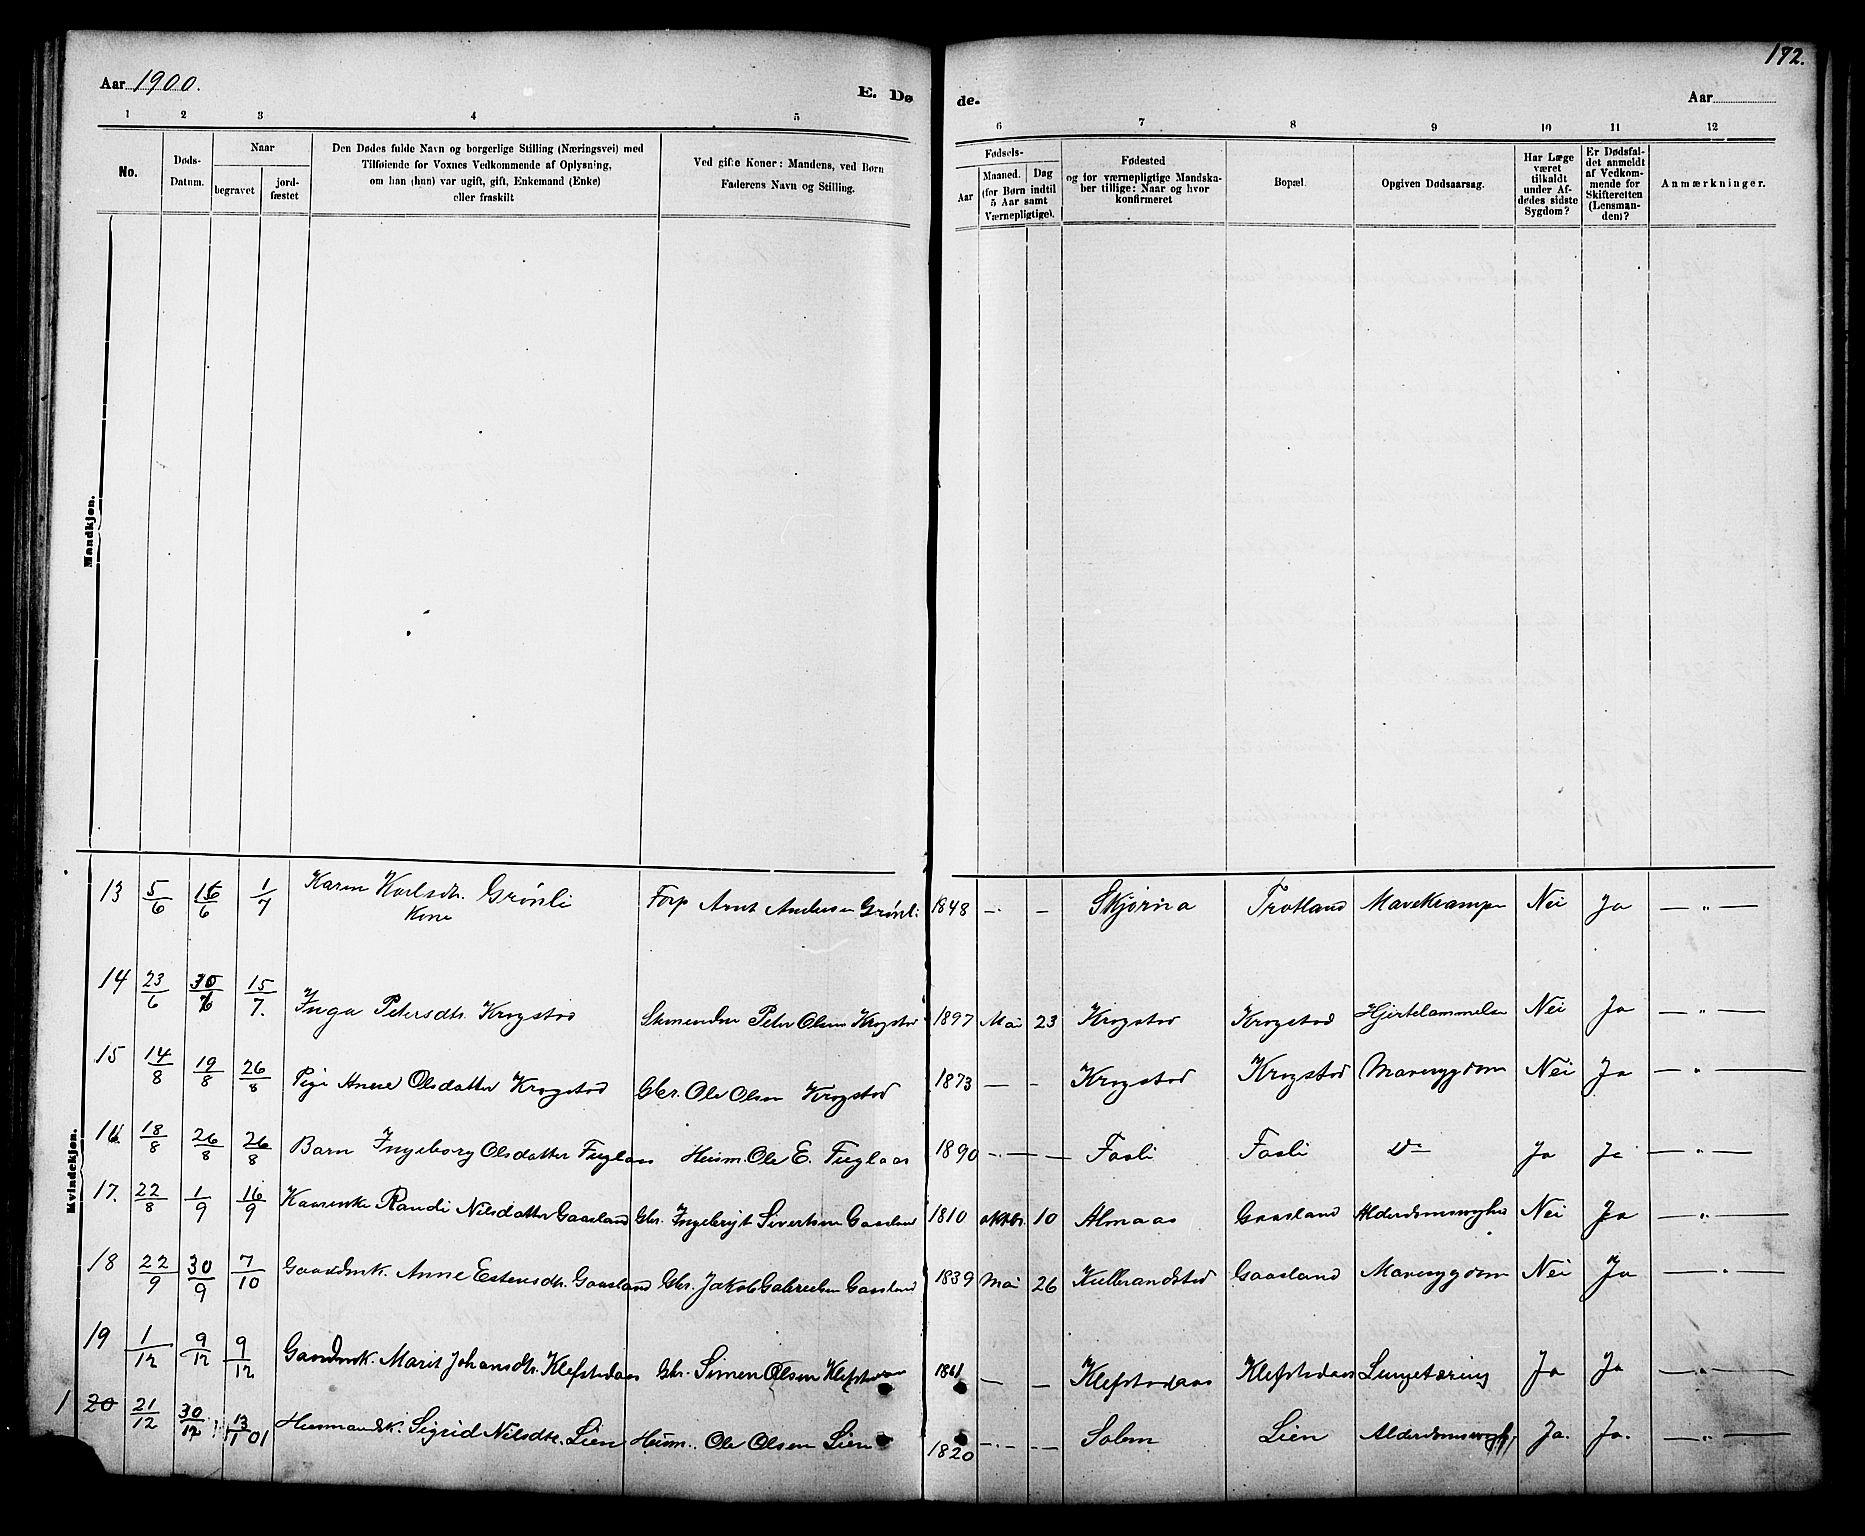 SAT, Ministerialprotokoller, klokkerbøker og fødselsregistre - Sør-Trøndelag, 694/L1132: Klokkerbok nr. 694C04, 1887-1914, s. 172